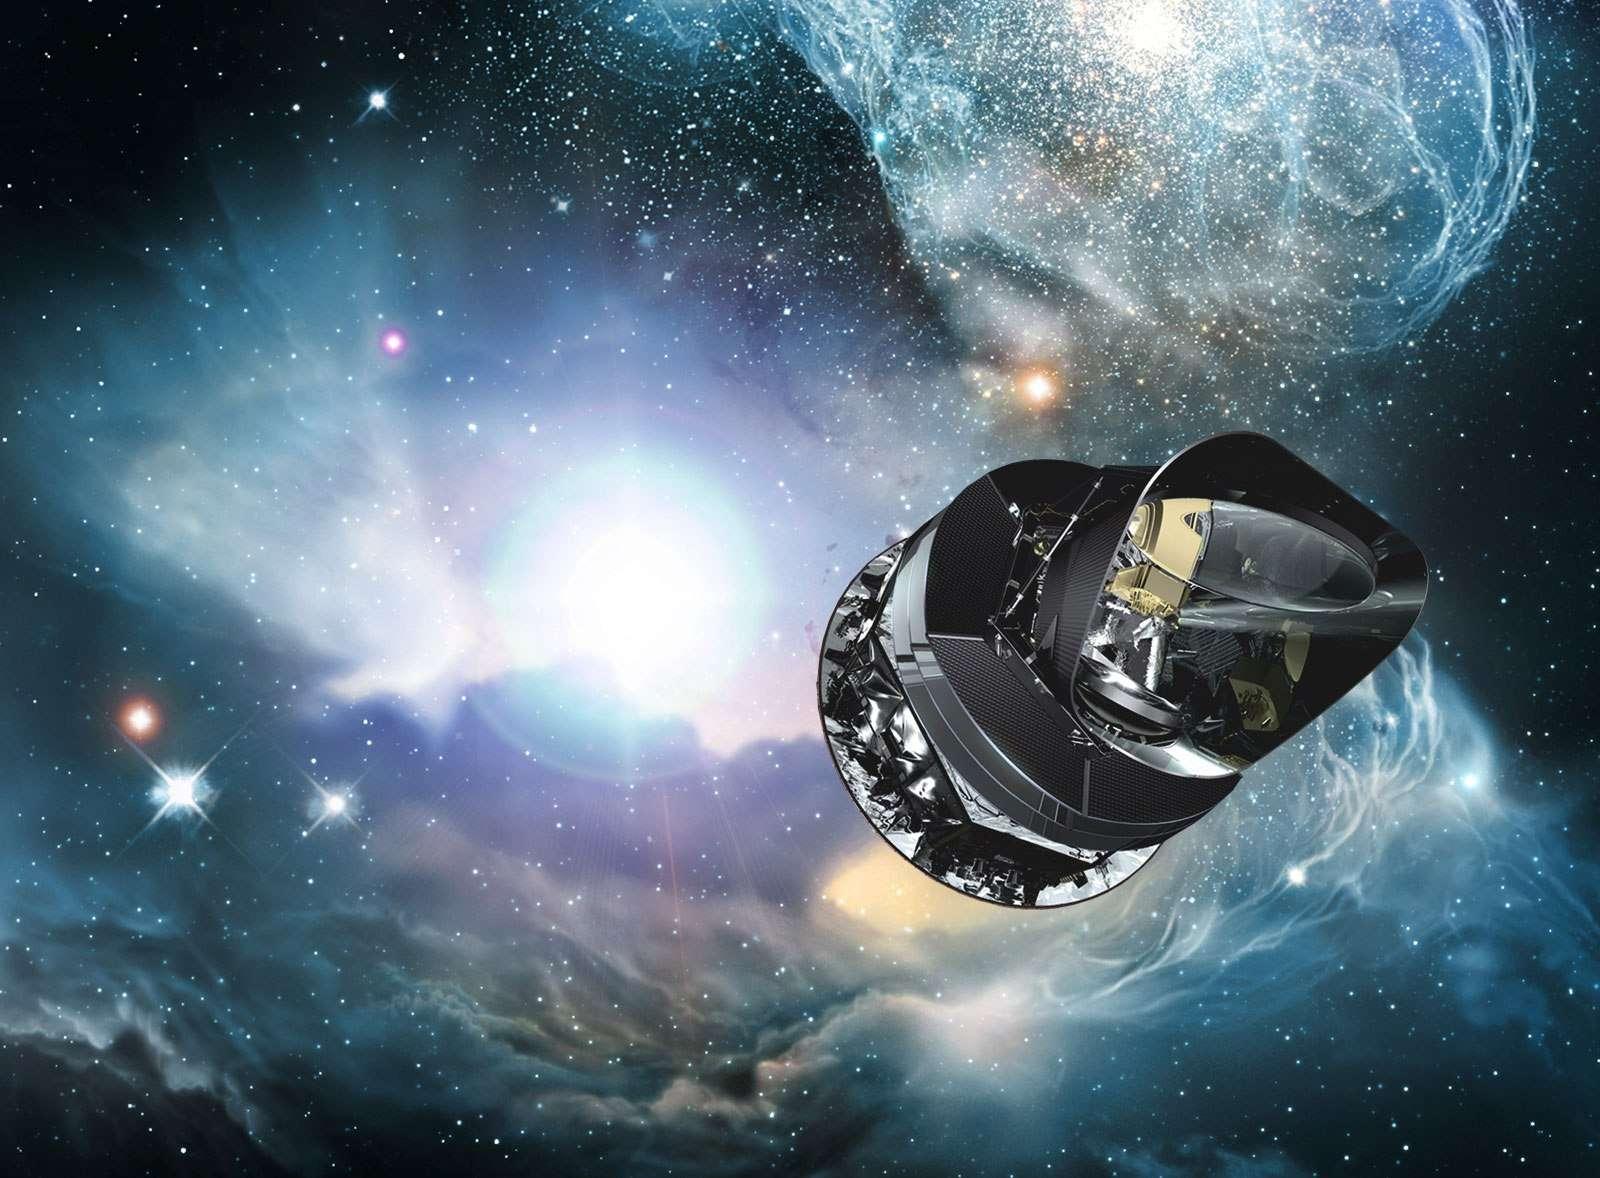 Une vue d'artiste du satellite Planck de l'ESA étudiant le rayonnement fossile. © ESA